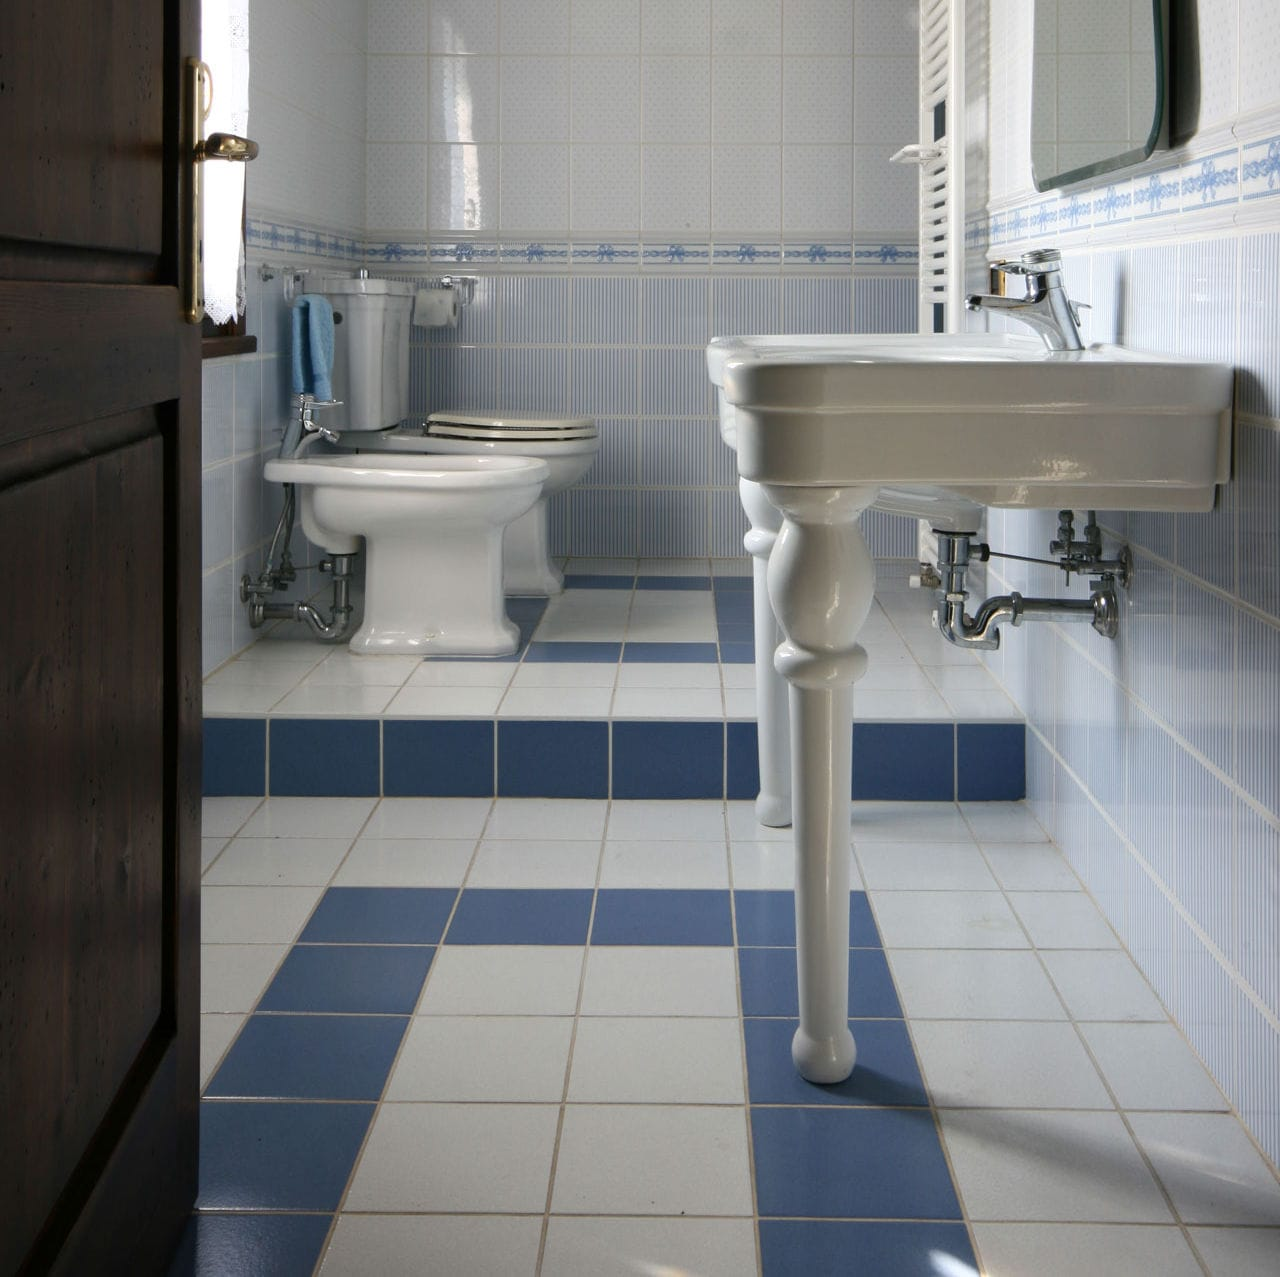 Fliesen Für Badezimmer / Für Wände / Fußboden / Feinsteinzeug RICORDI  COUNTRY BRENNERO ...